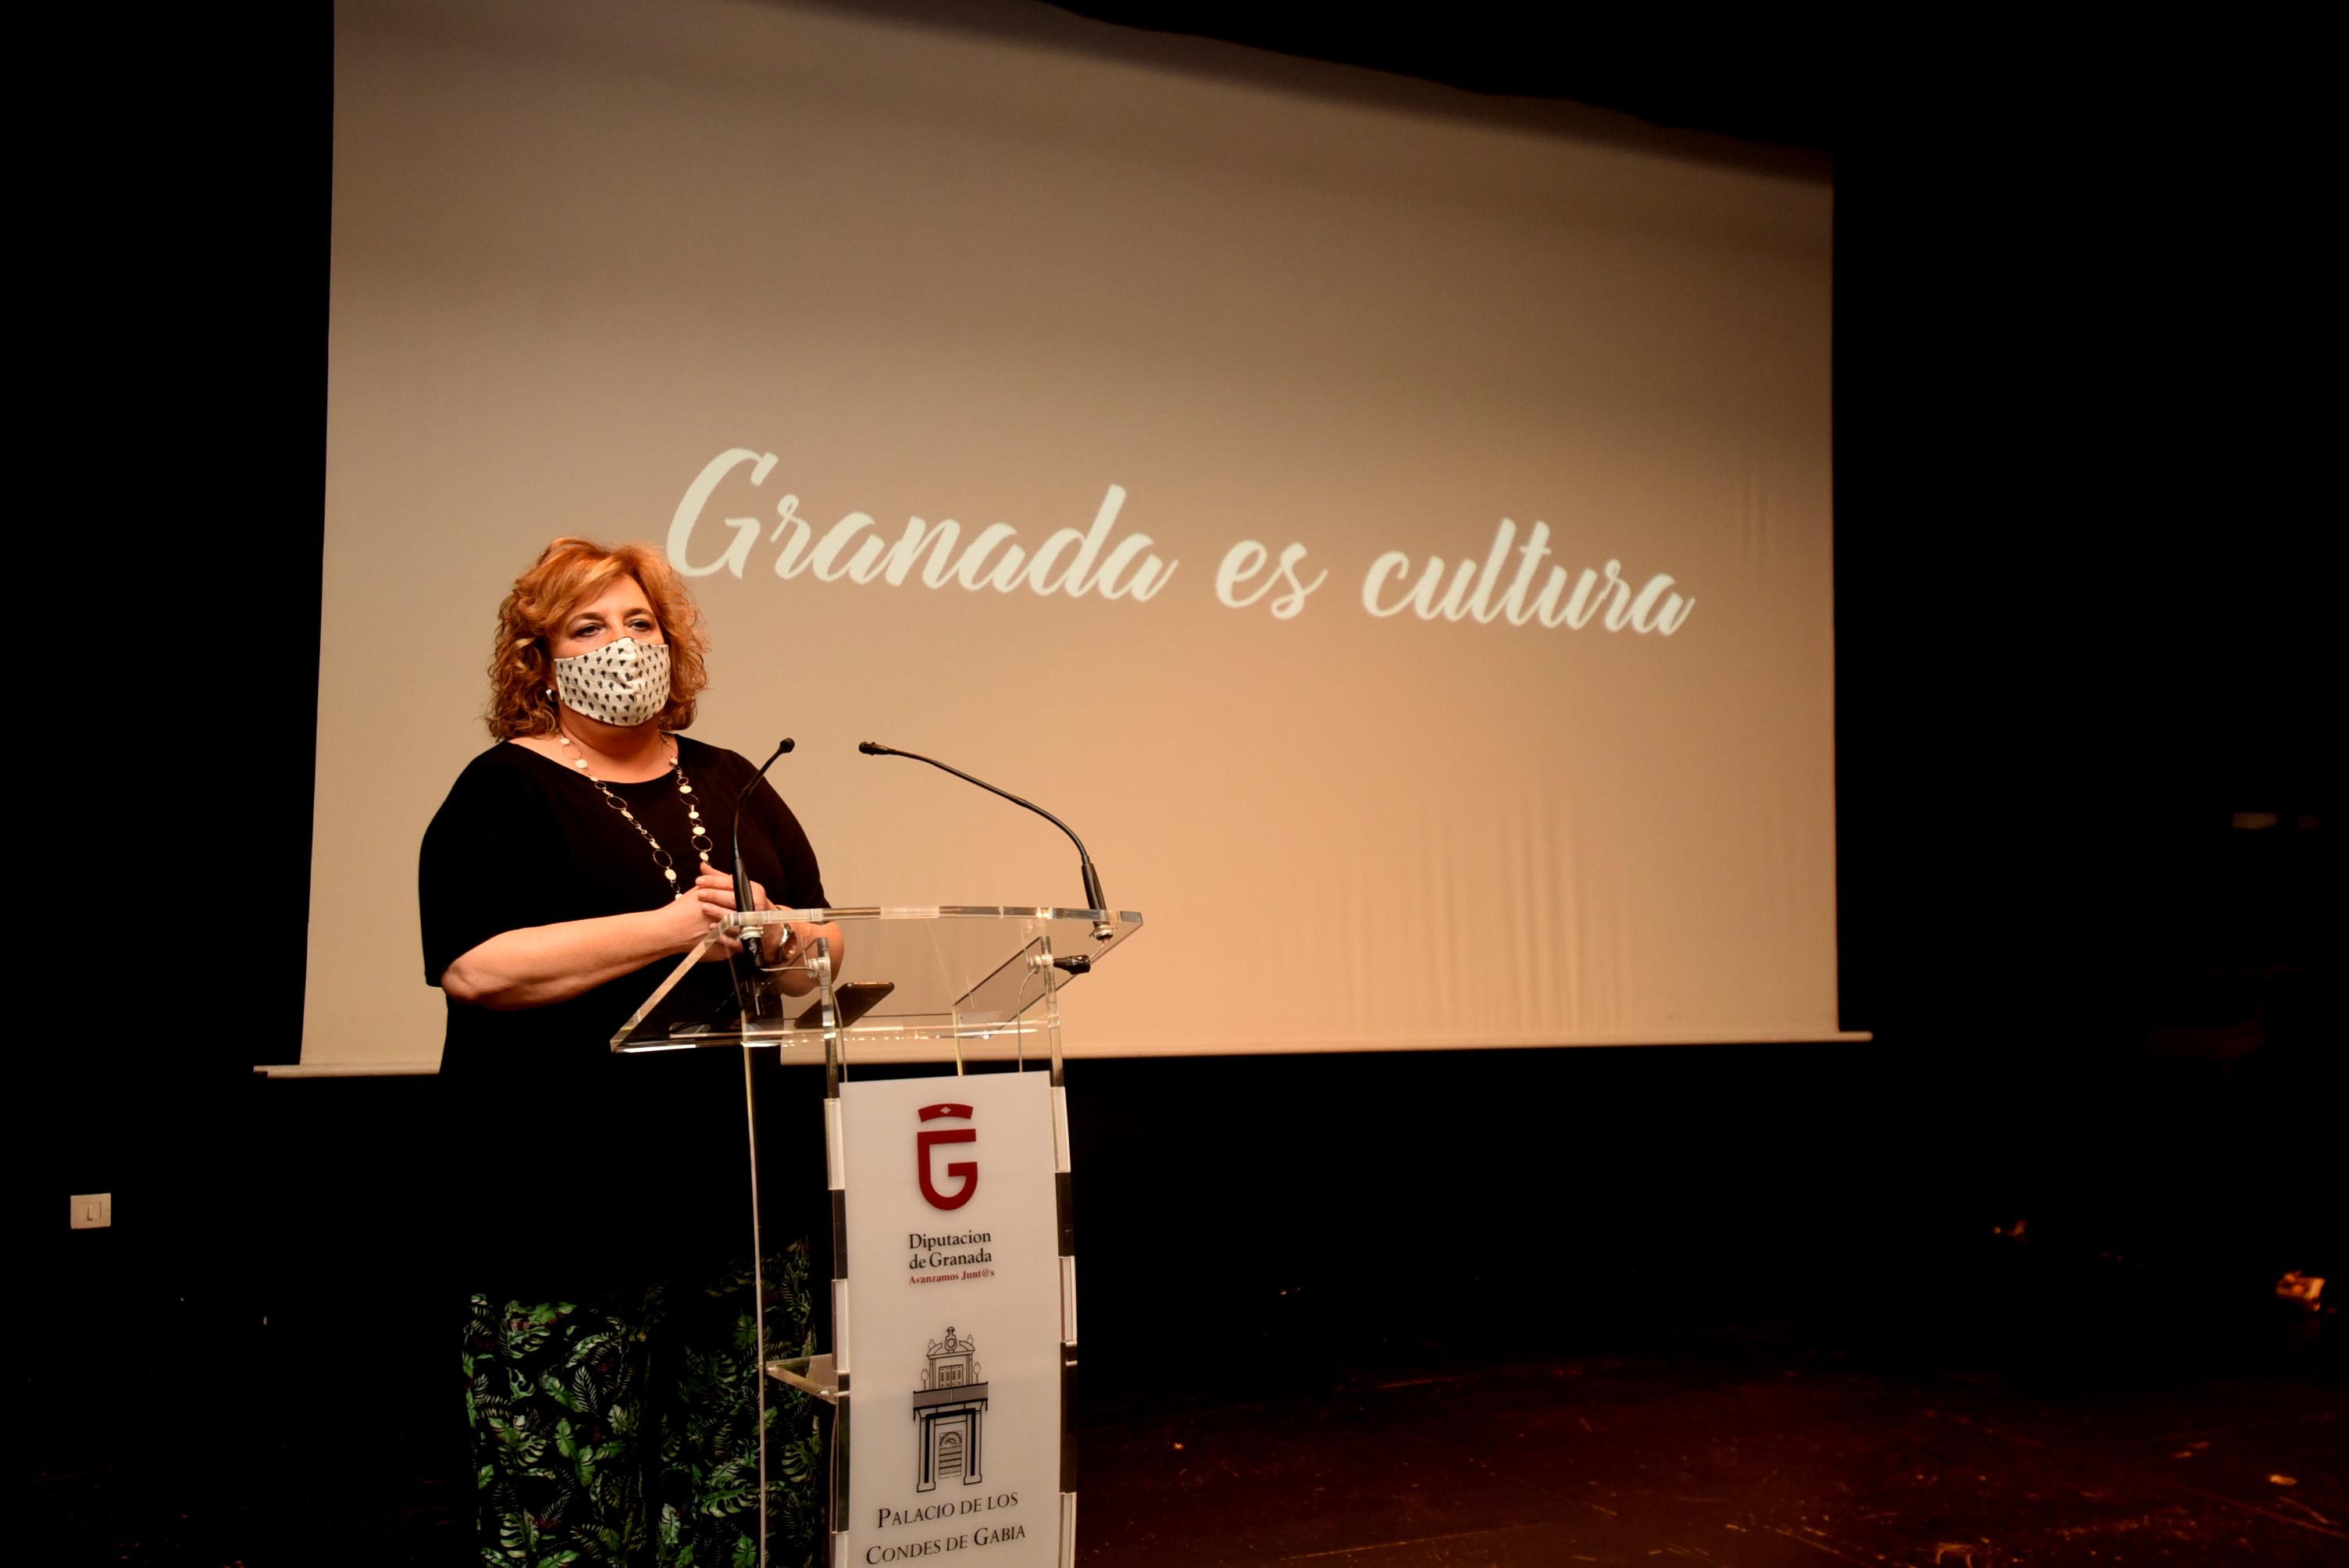 Diputación lanza una campaña de apoyo a la industria cultural granadina